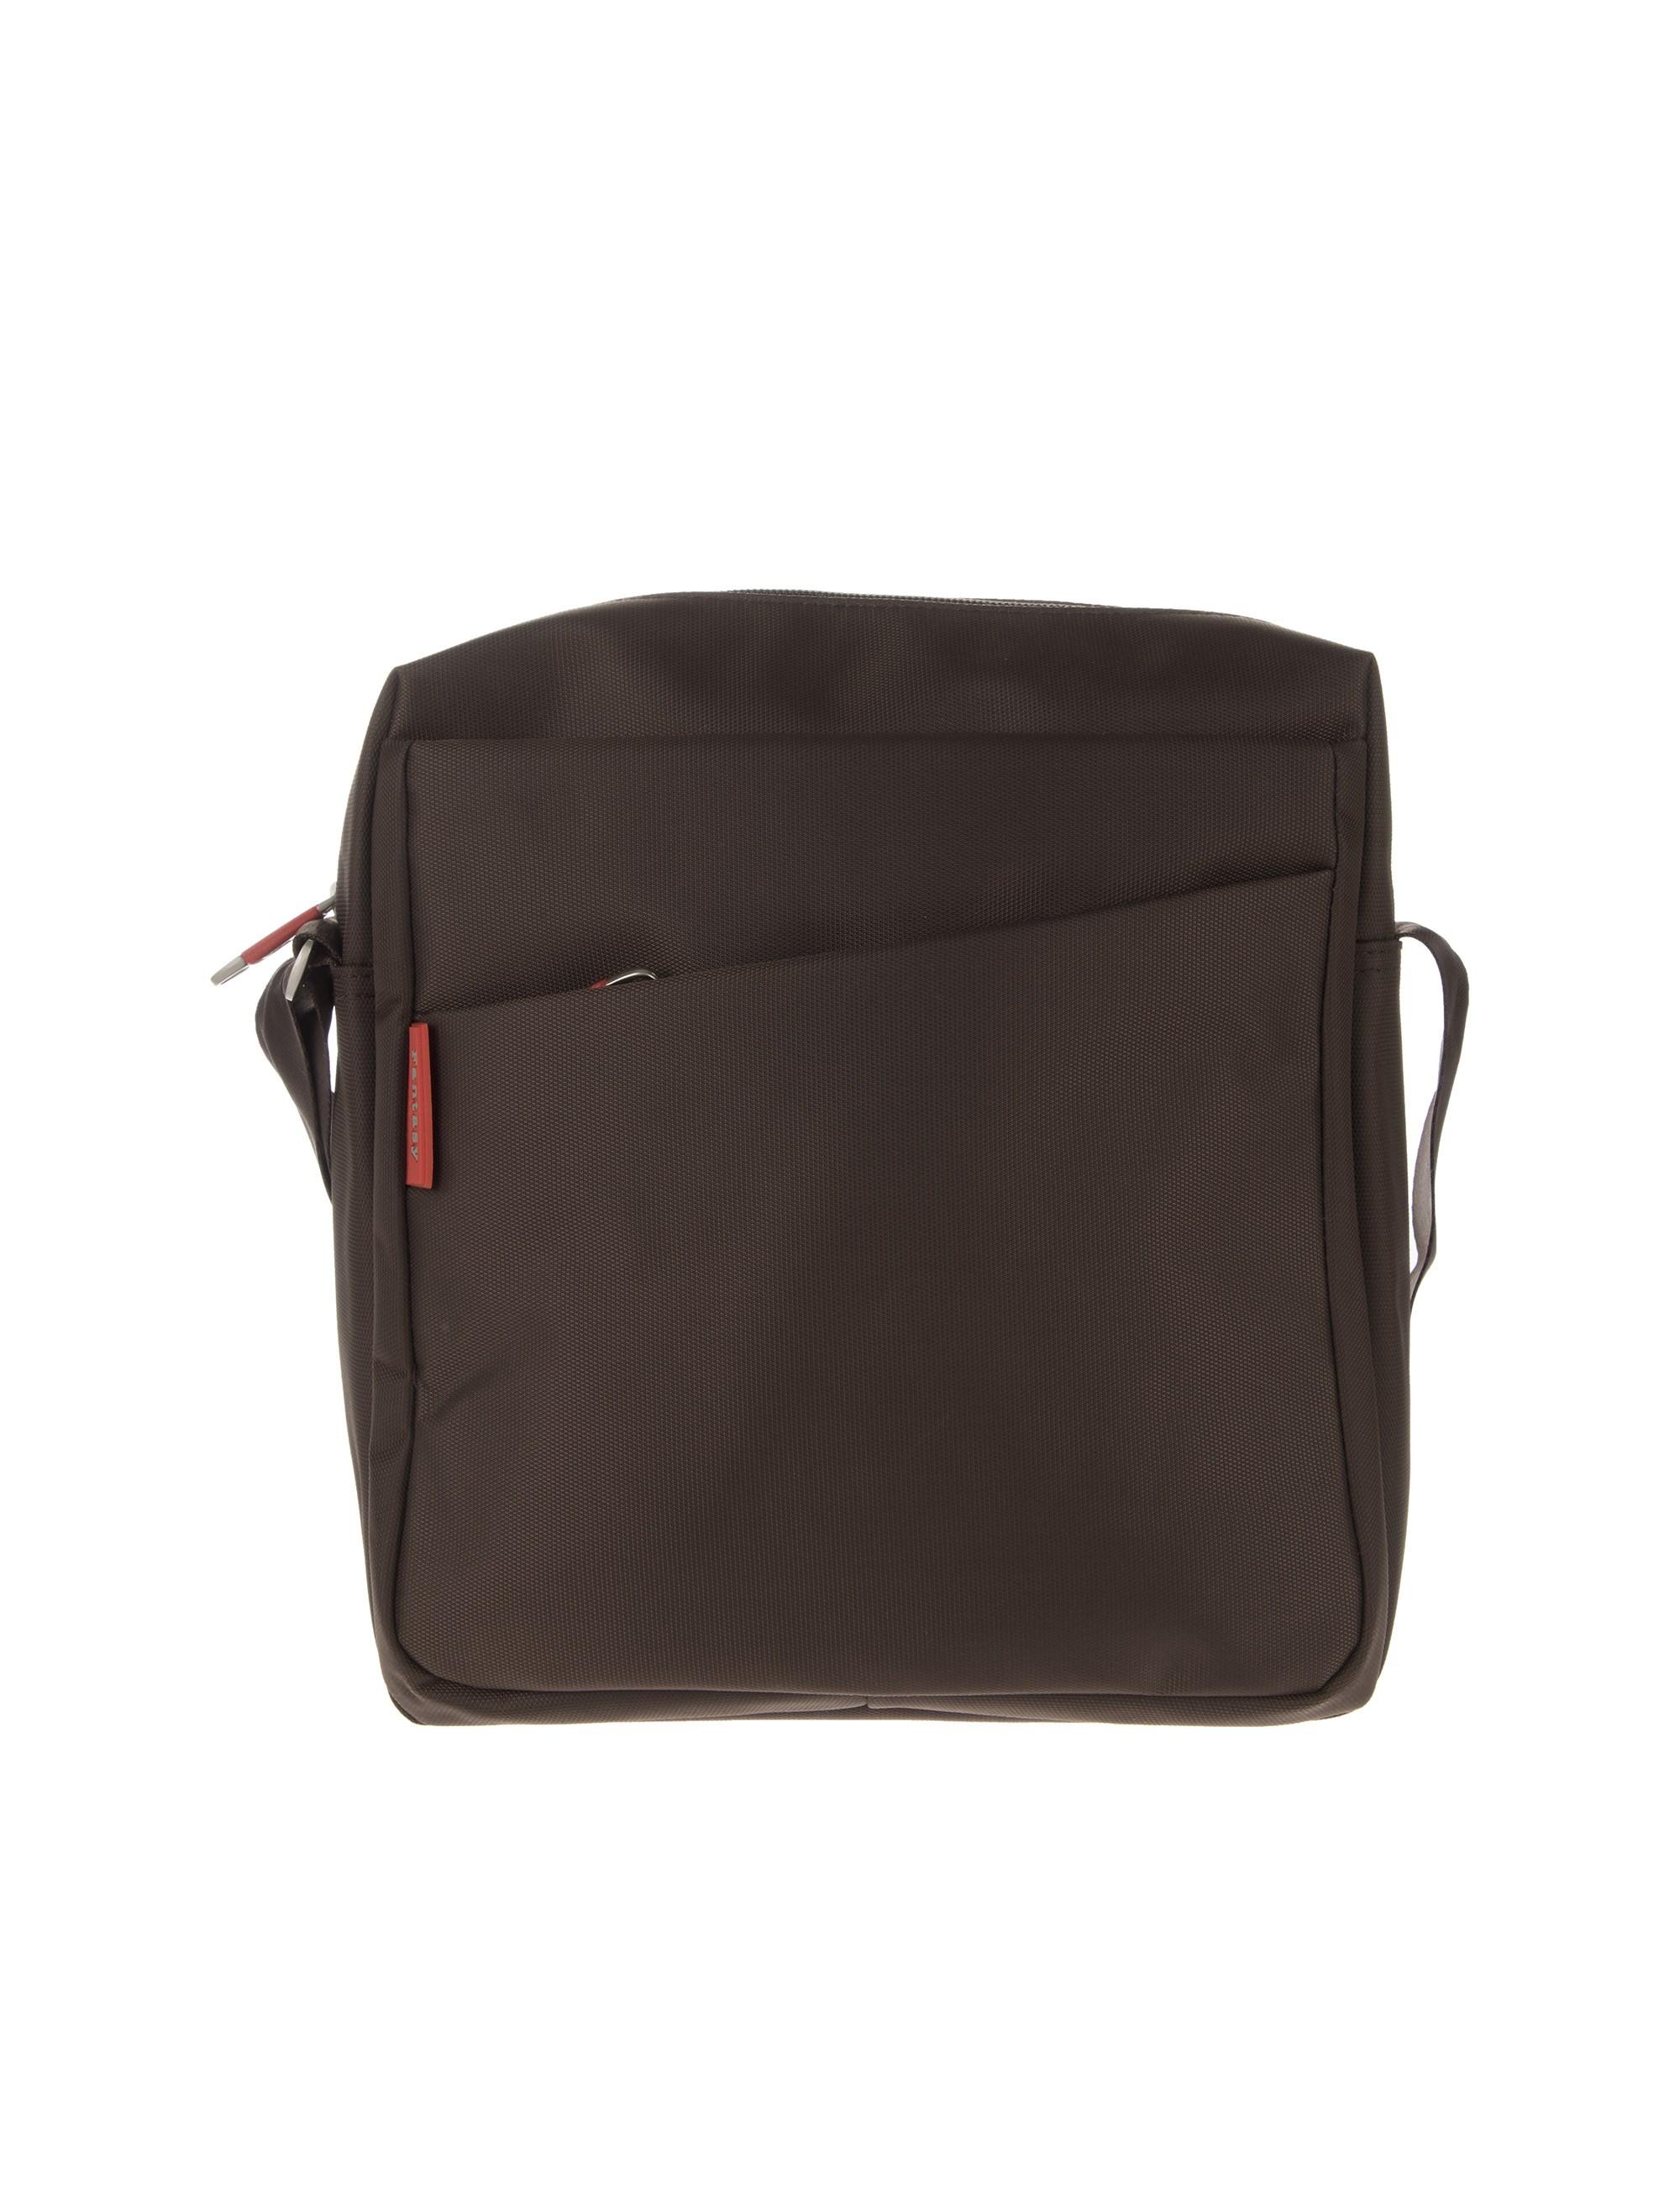 قیمت کیف دوشی روزمره بزرگسال - دادلین